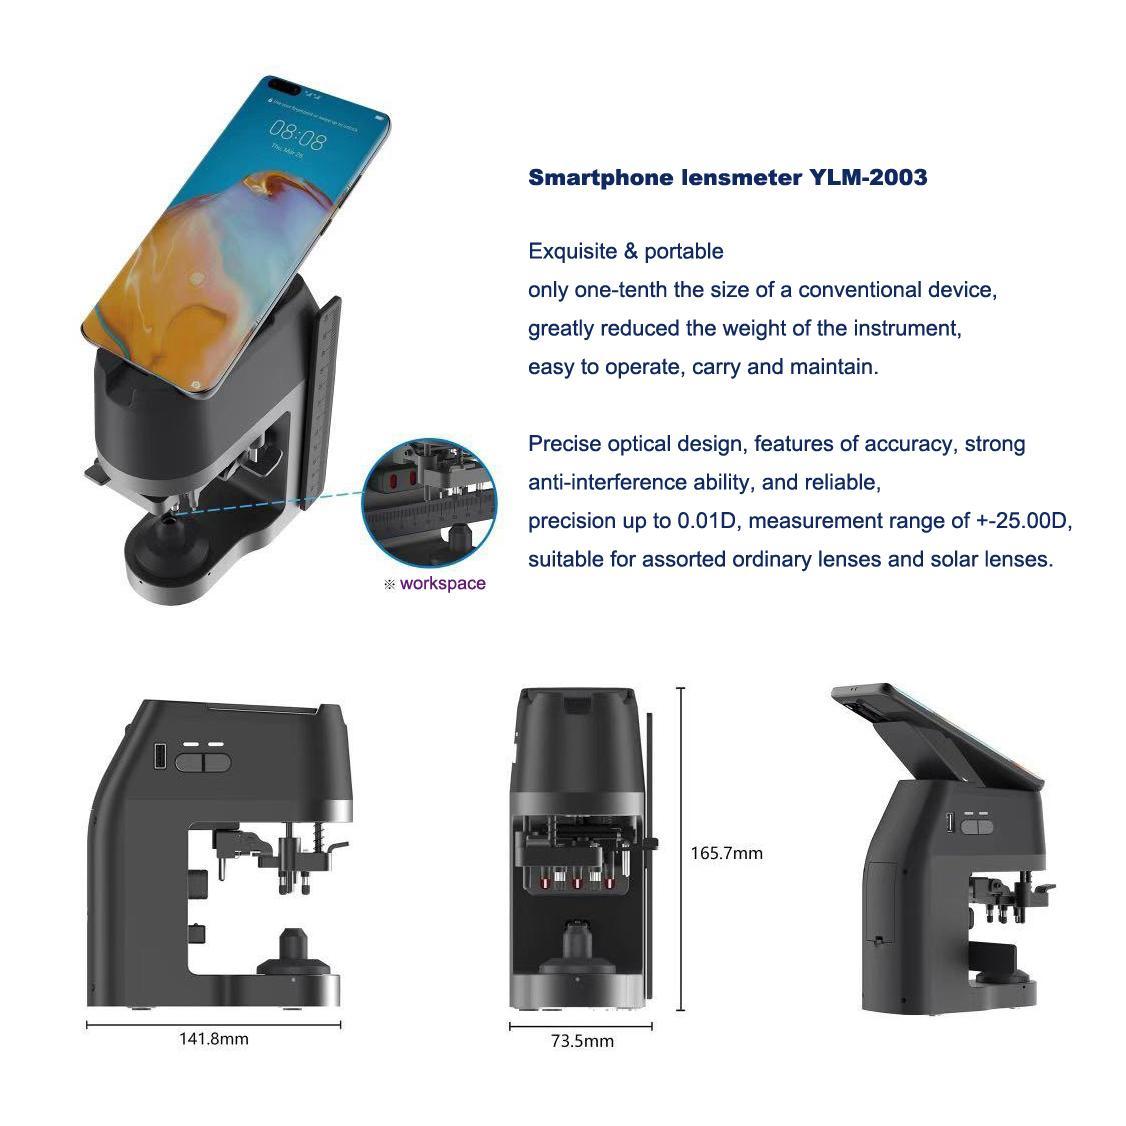 Smartphone lensmeter YLM-2003 3